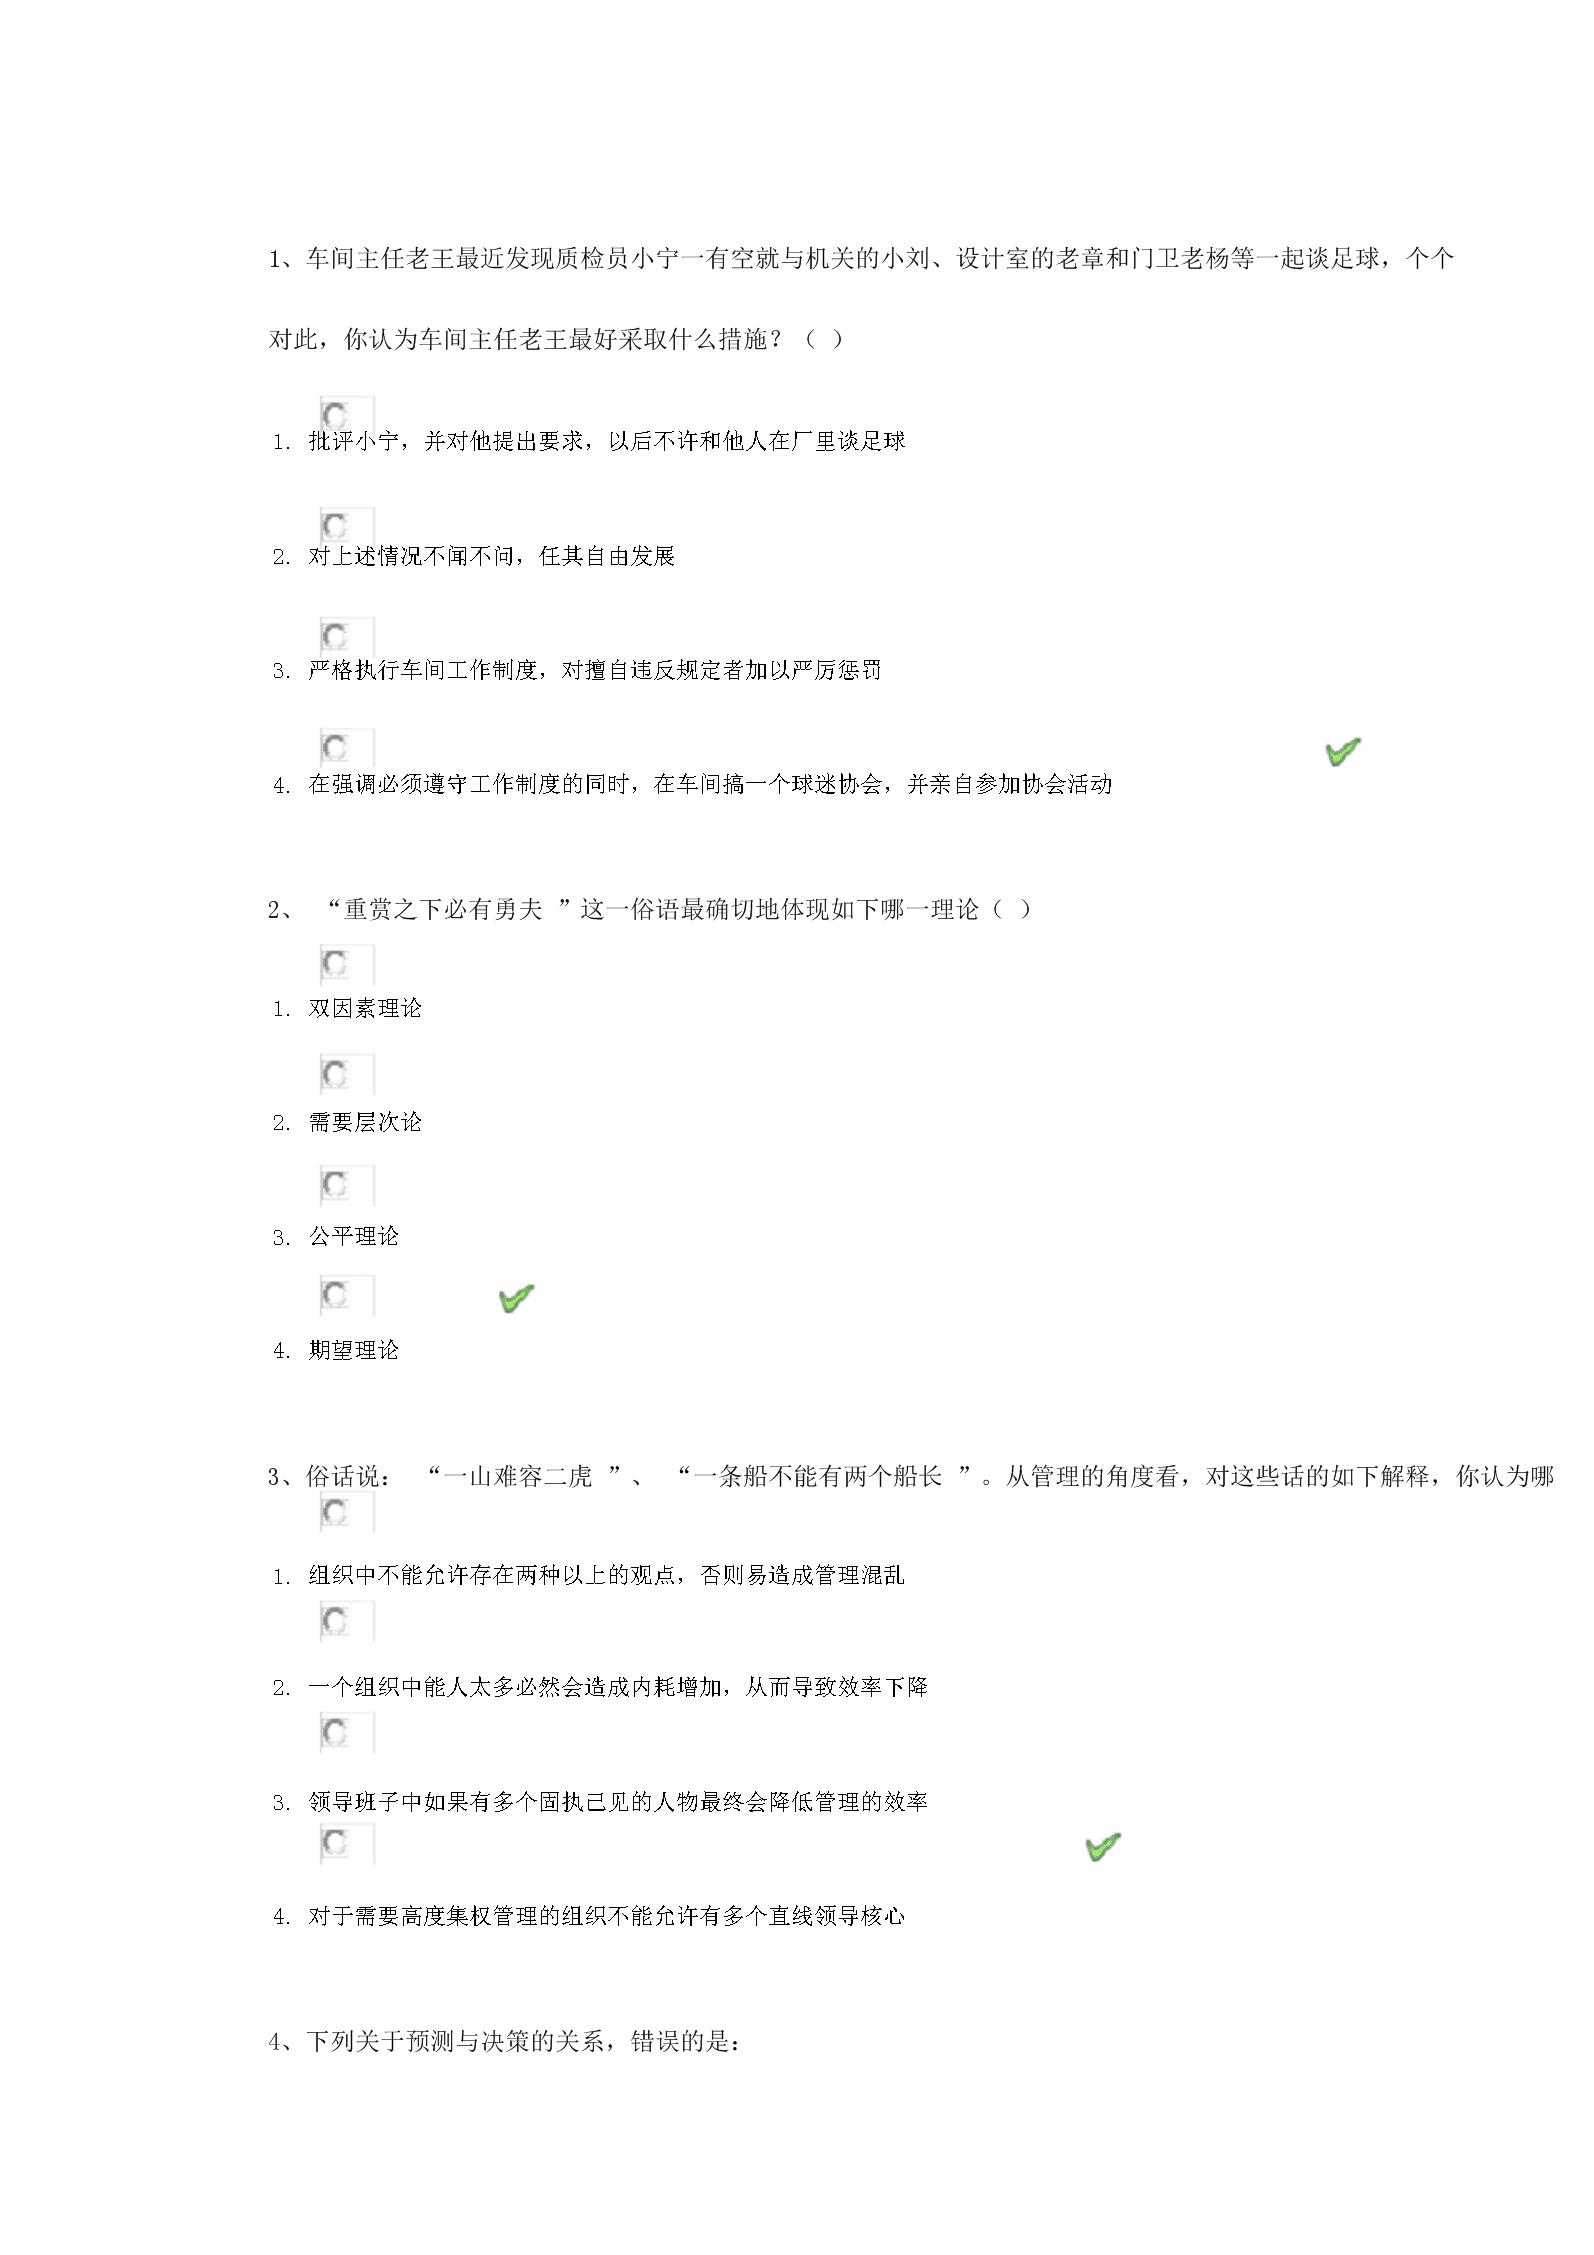 西南大学秋管理方案学作业含答案.doc